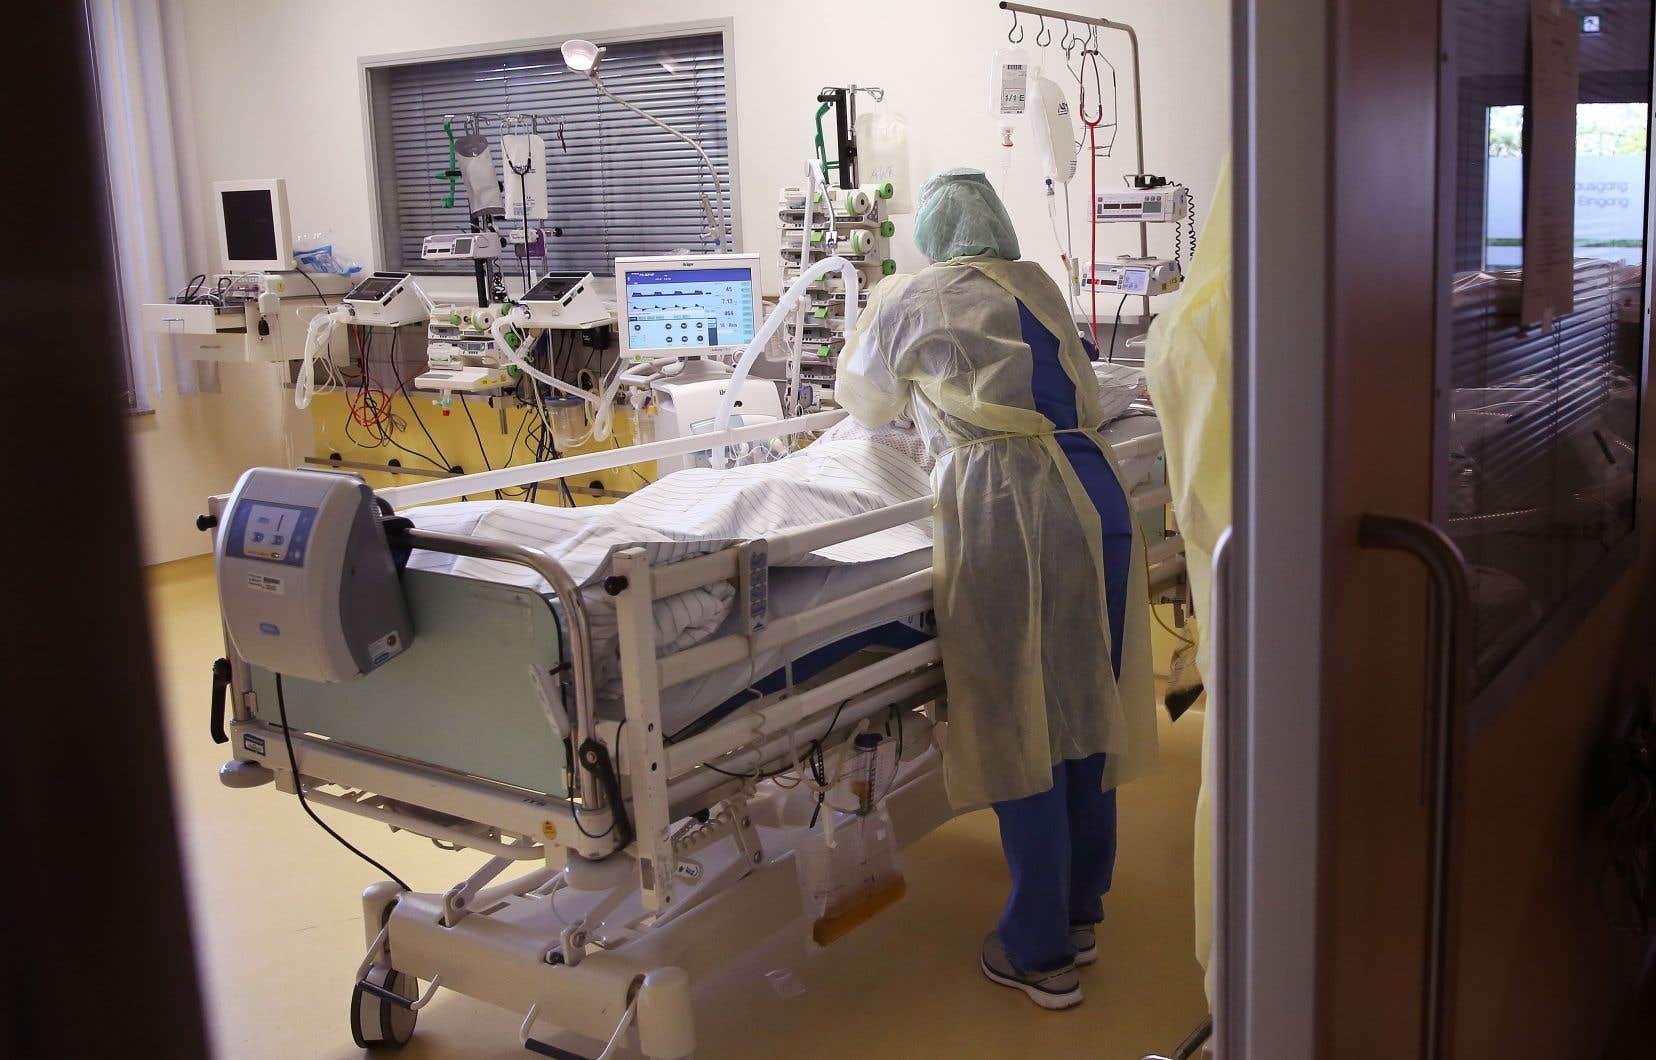 À l'urgence de l'Hôpital général juif, le profil démographique des patients a glissé ces dernières semaines. Certains médecins constatent ce changement et s'inquiètent de la rapidité de la transmission du variant chez les plus jeunes.